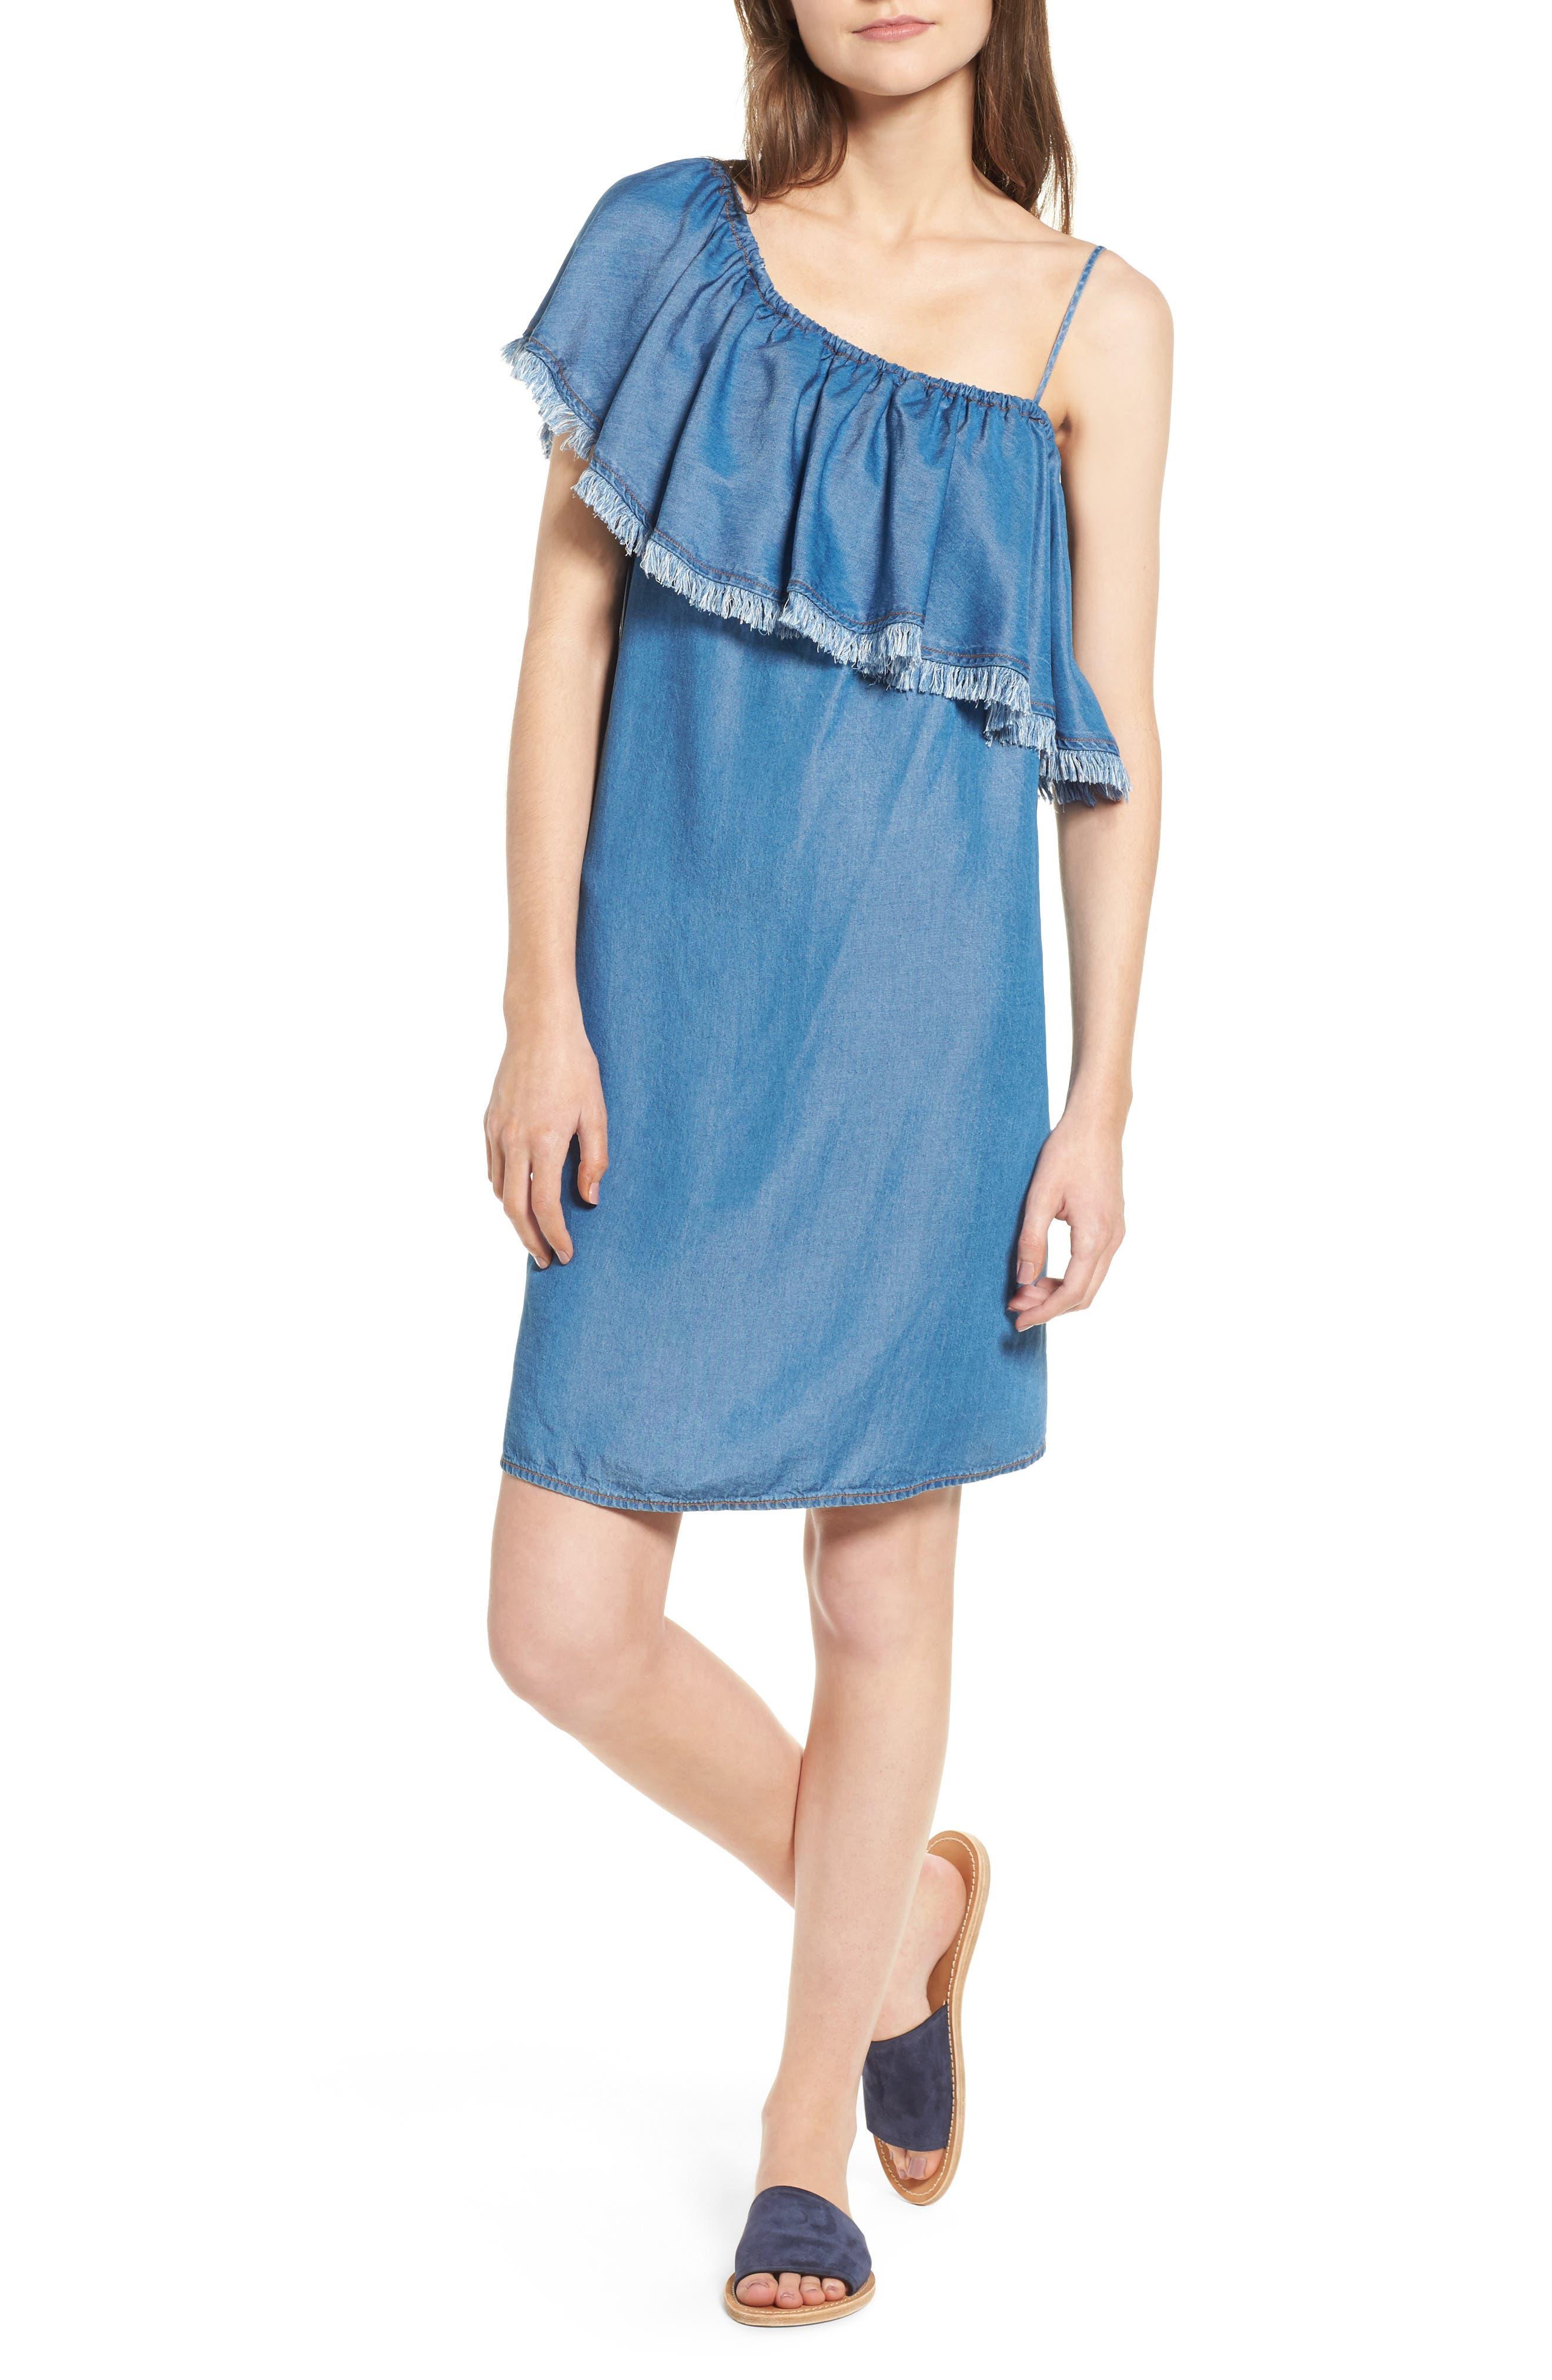 Splendid Fringe One-Shoulder Shift Dress